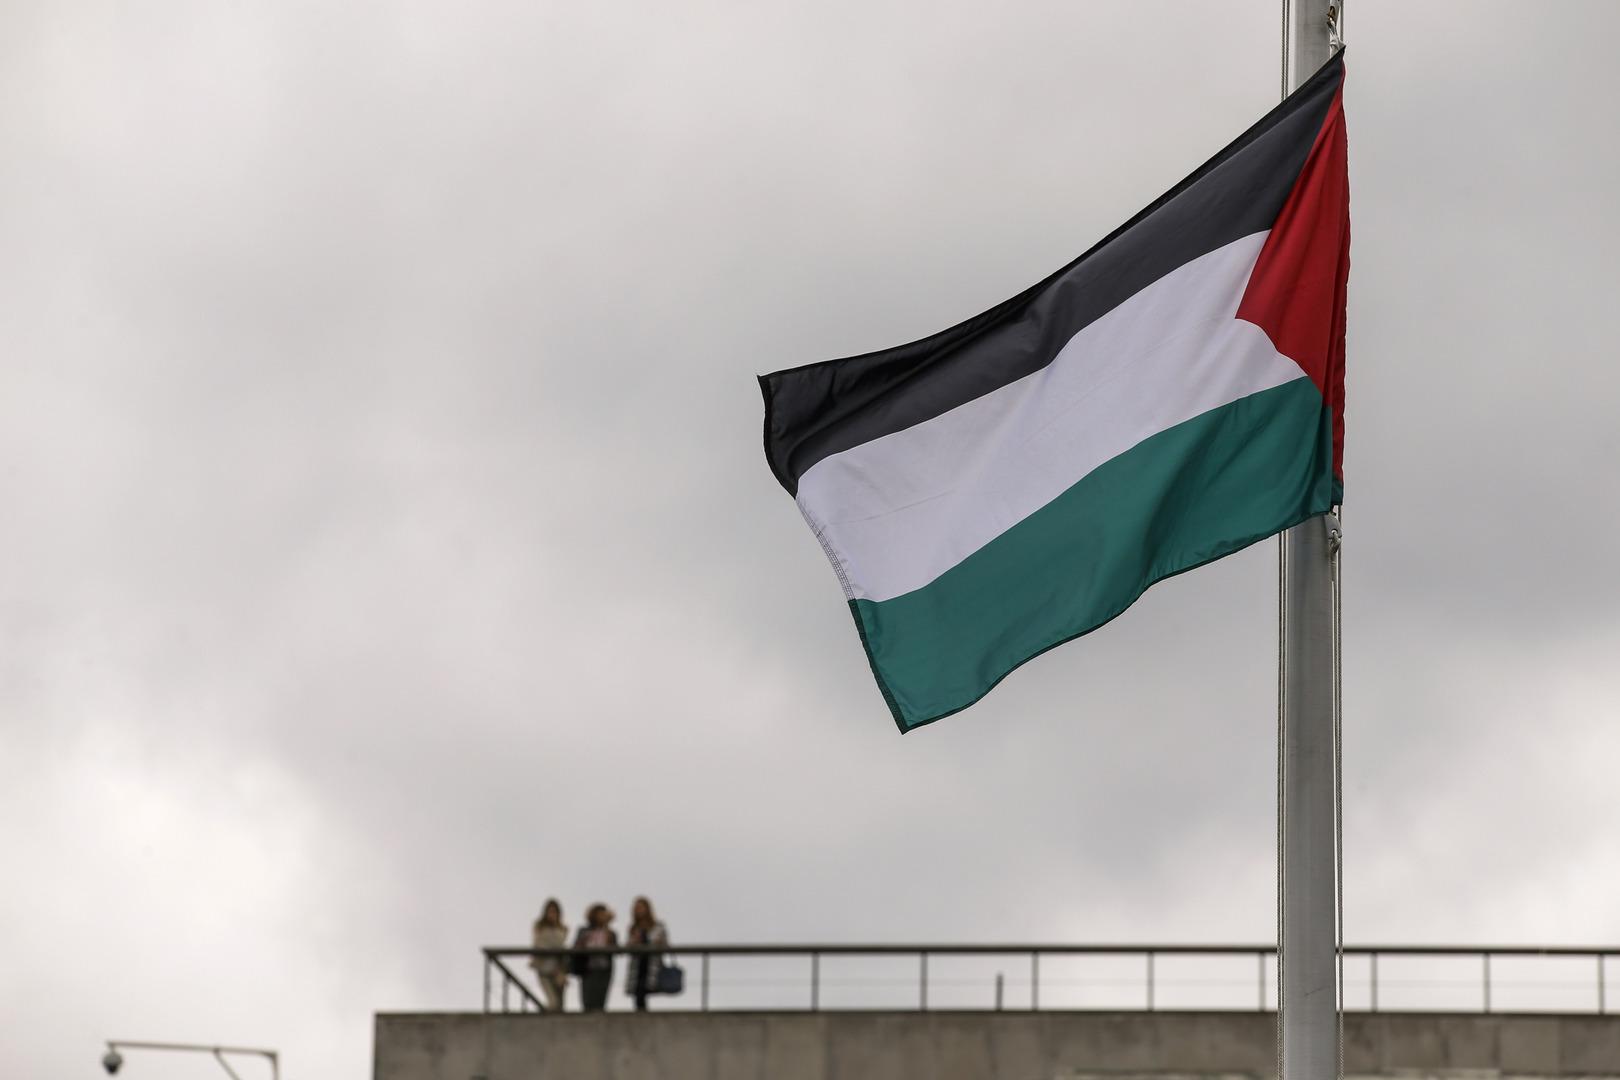 وزير فلسطيني يطالب بتفعيل الدعوة الروسية لعقد اجتماع للرباعية الدولية